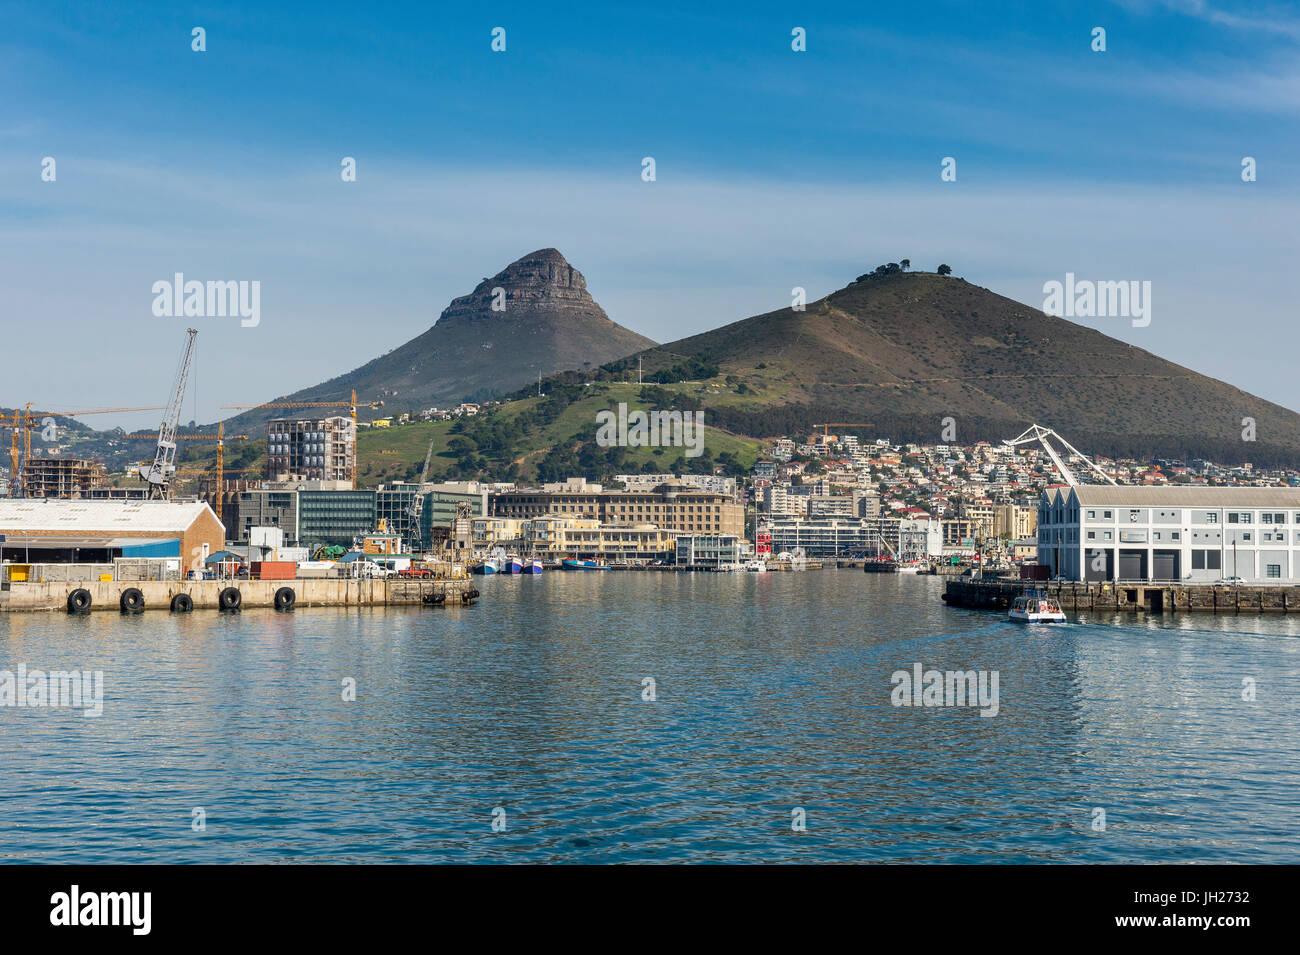 L'horizon de Cape Town avec Lions Head dans l'arrière-plan, Le Cap, Afrique du Sud, l'Afrique Photo Stock